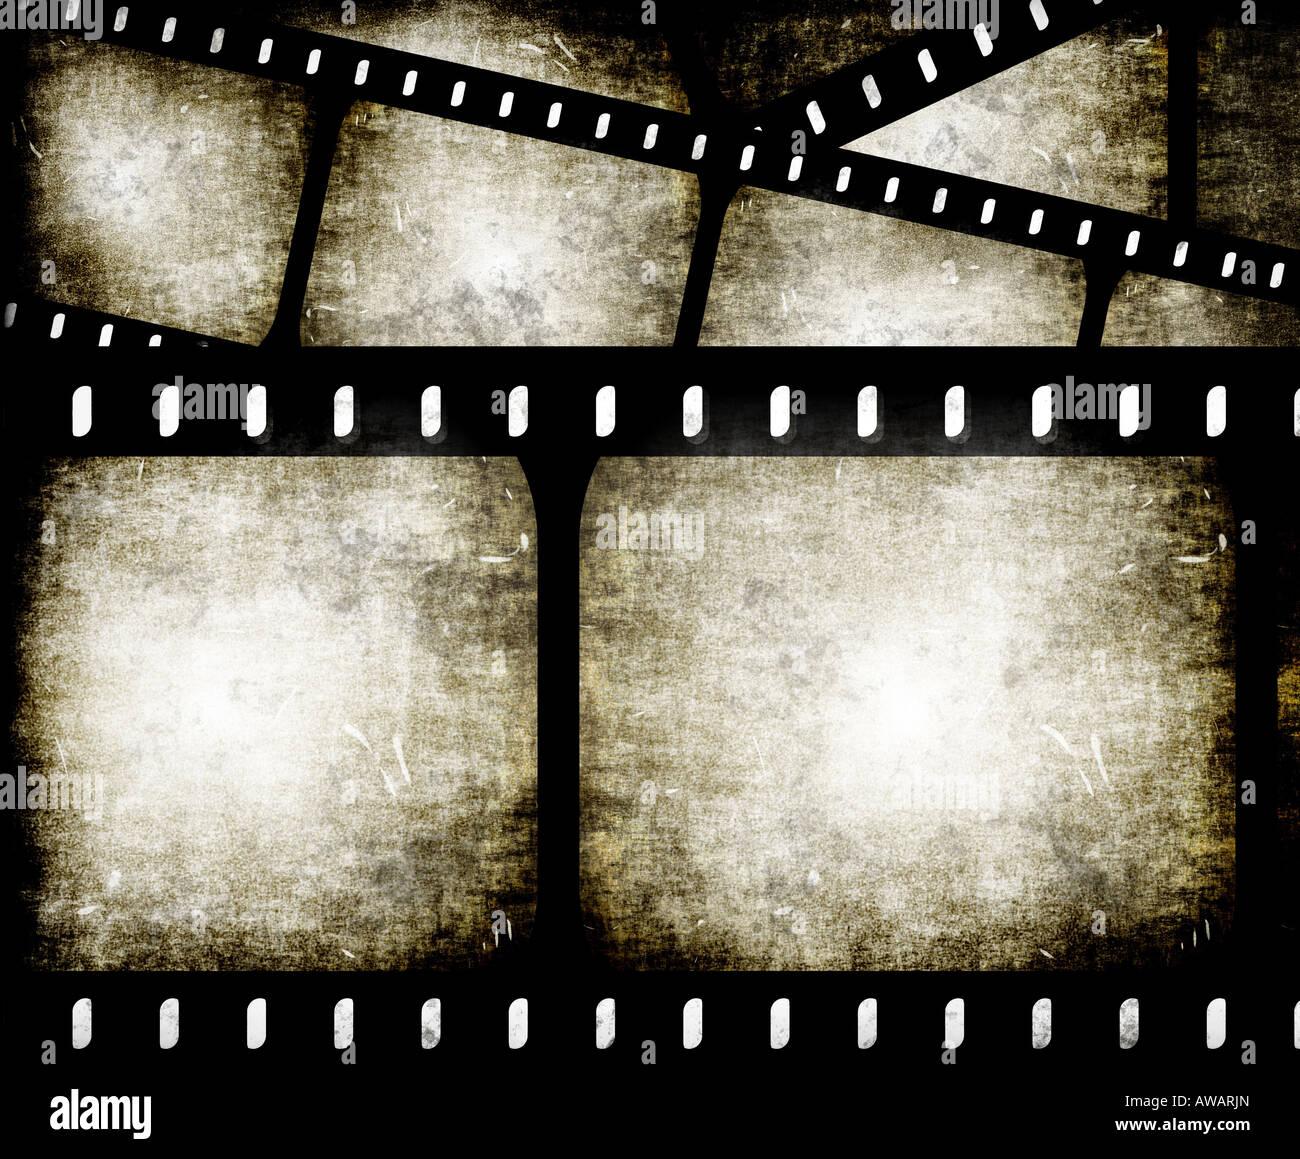 Composición abstracta de fotogramas de película o tiras de película Imagen De Stock